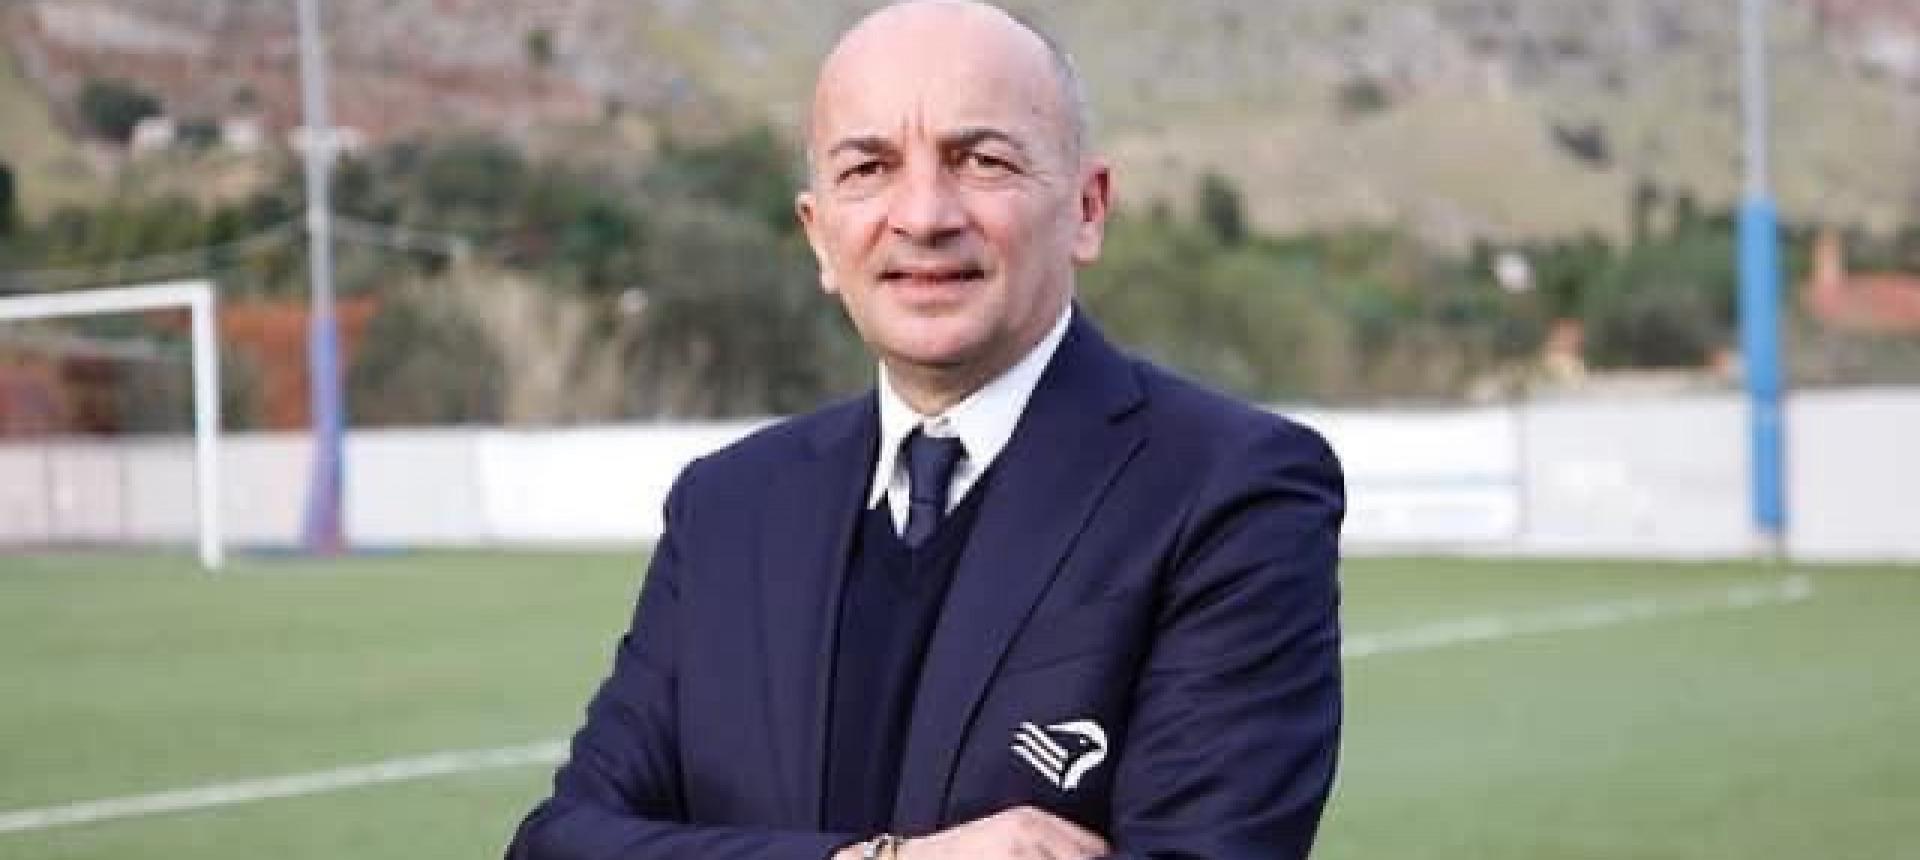 Condoglianze per Pino Bianco